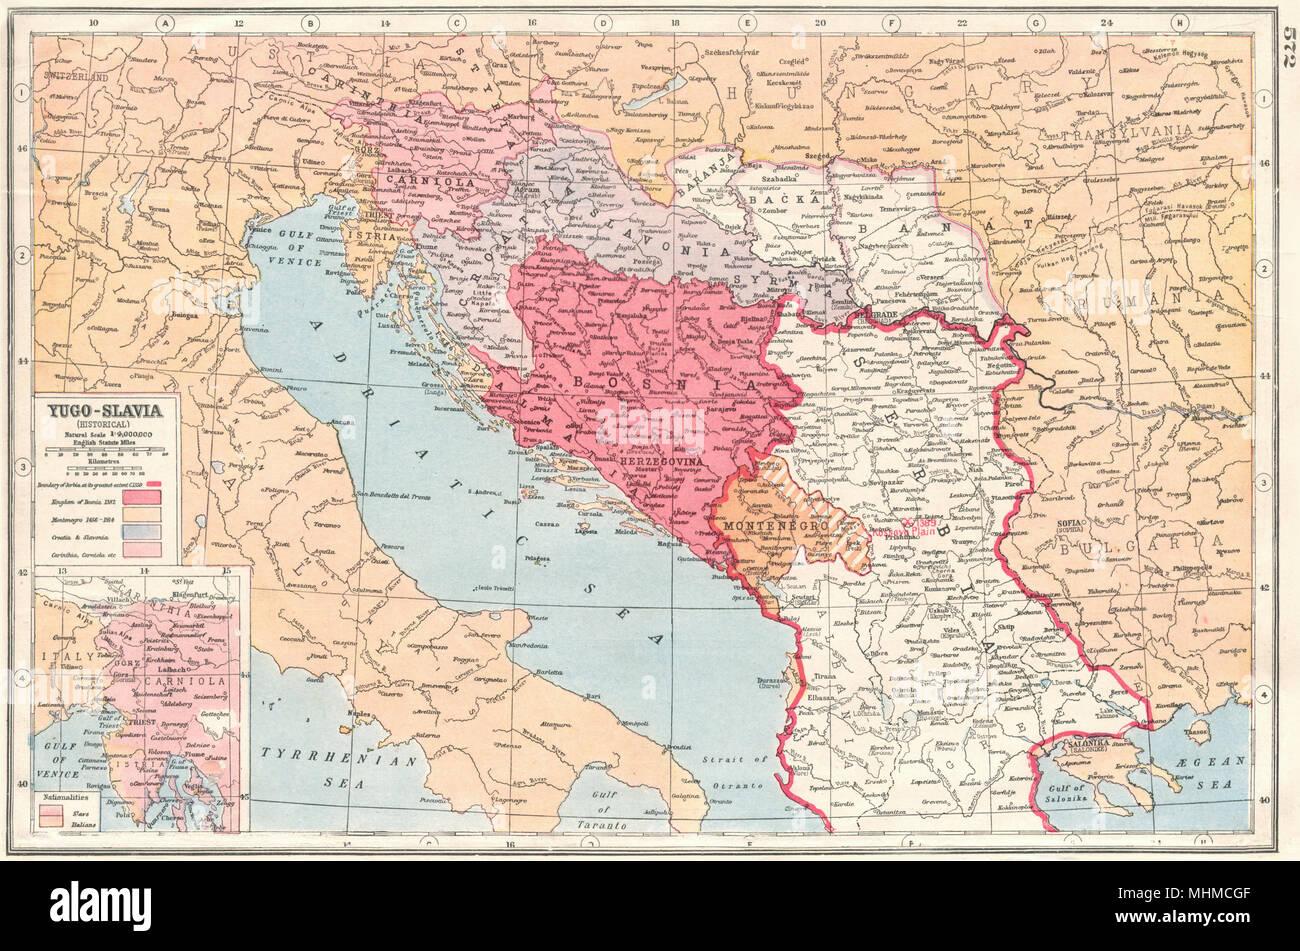 Alte Jugoslawien Karte.Balkan Jugoslawien Historische Bosnien Serbien Montenegro